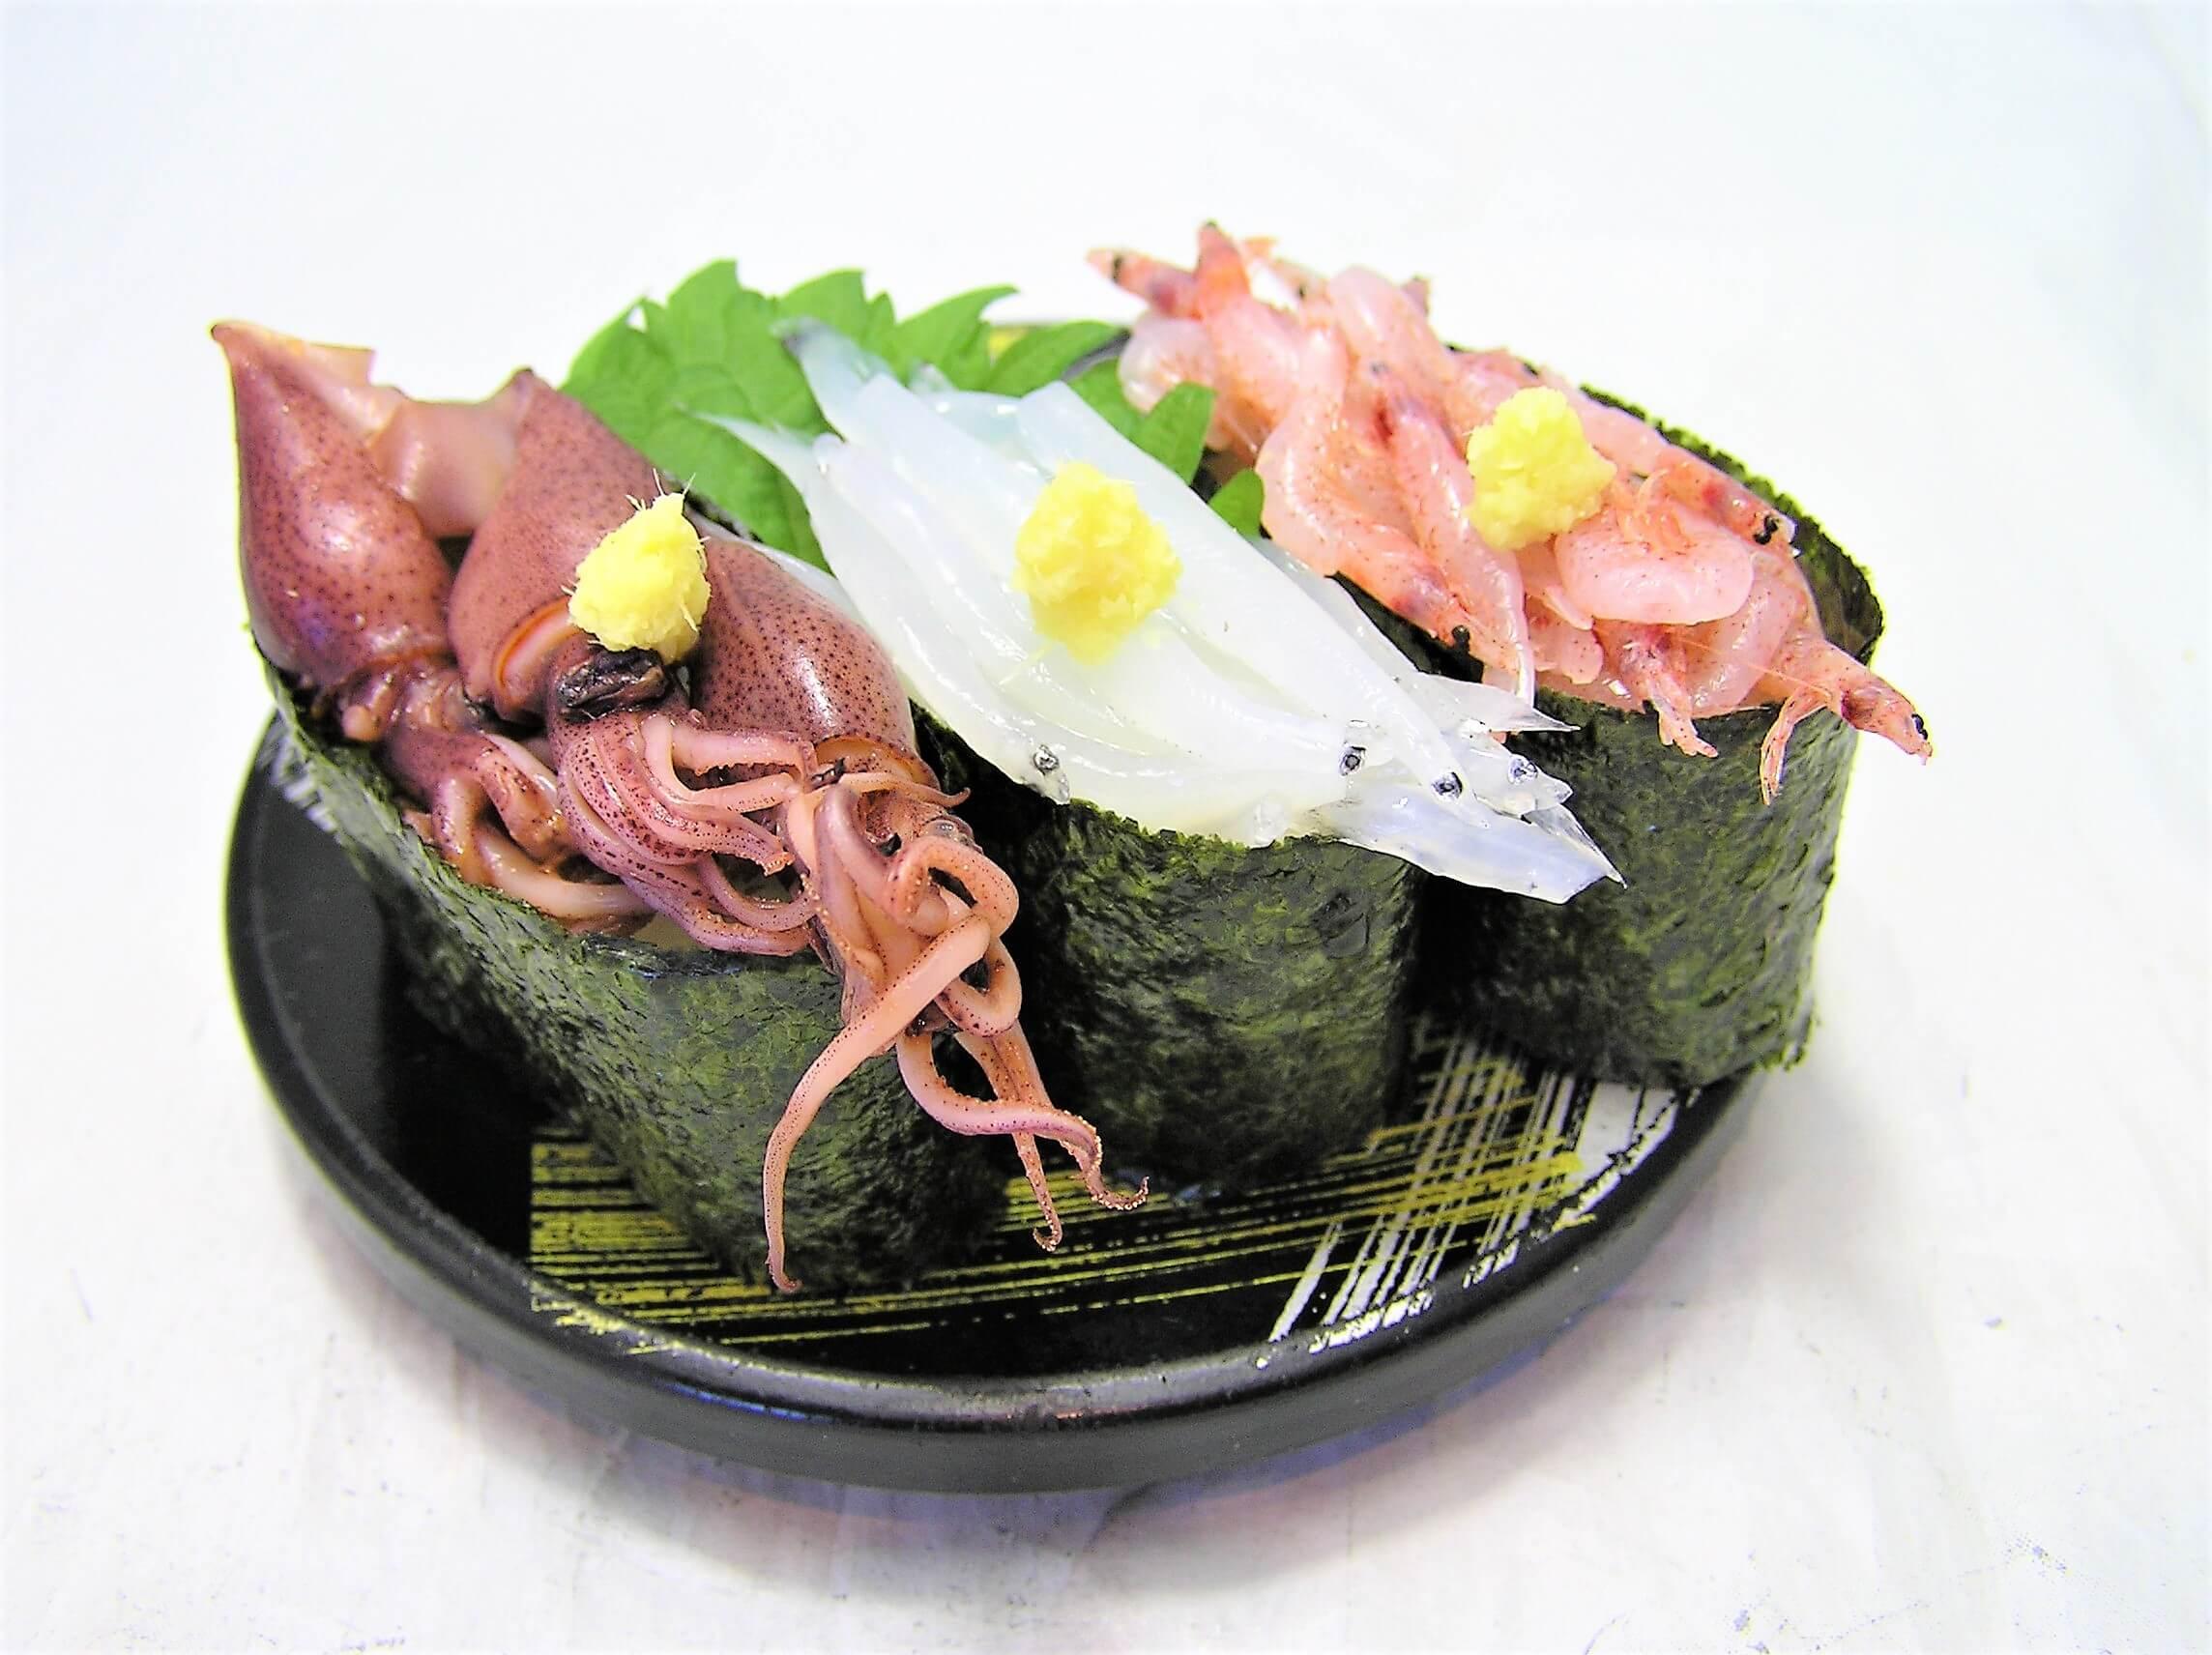 ほたるいか・白魚・桜えびの素材の味を楽しみたいという方へ